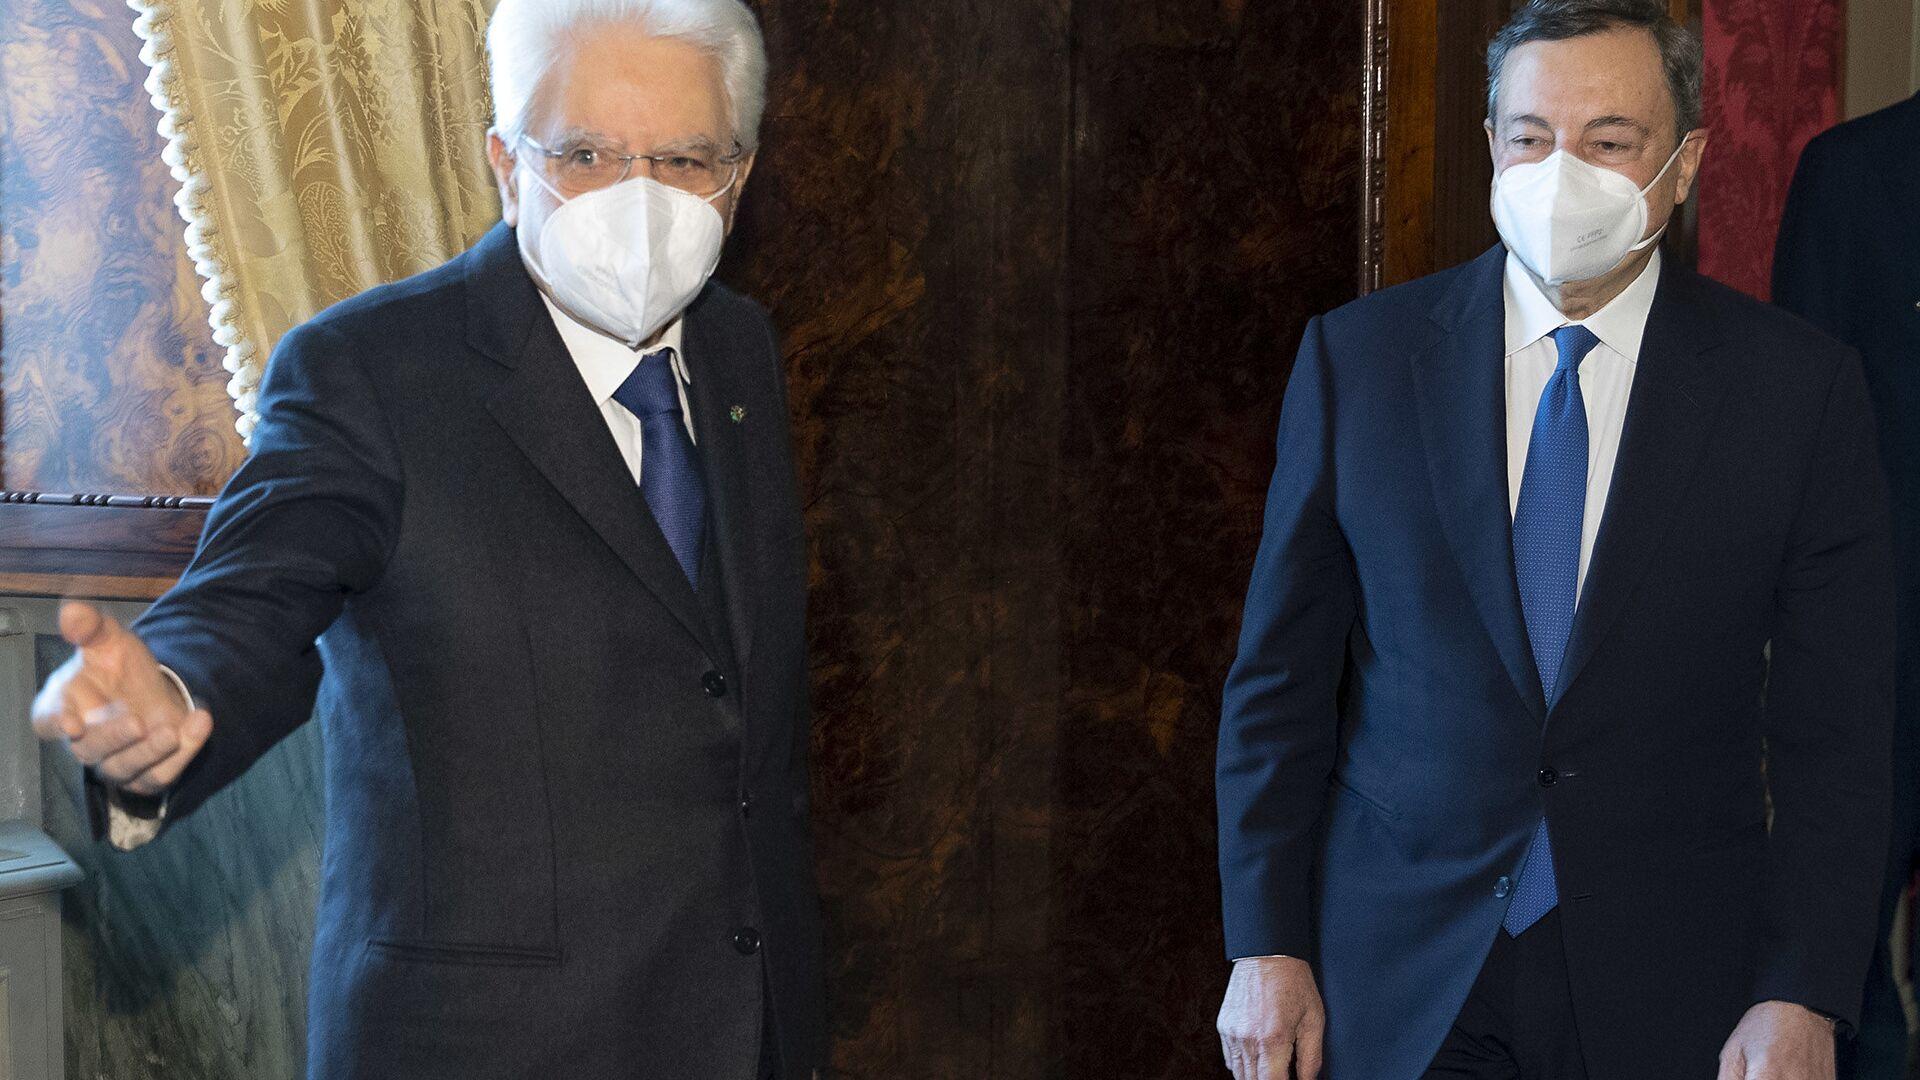 Il Presidente della Repubblica Sergio Mattarella con Mario Draghi al Quirinale - Sputnik Italia, 1920, 23.05.2021